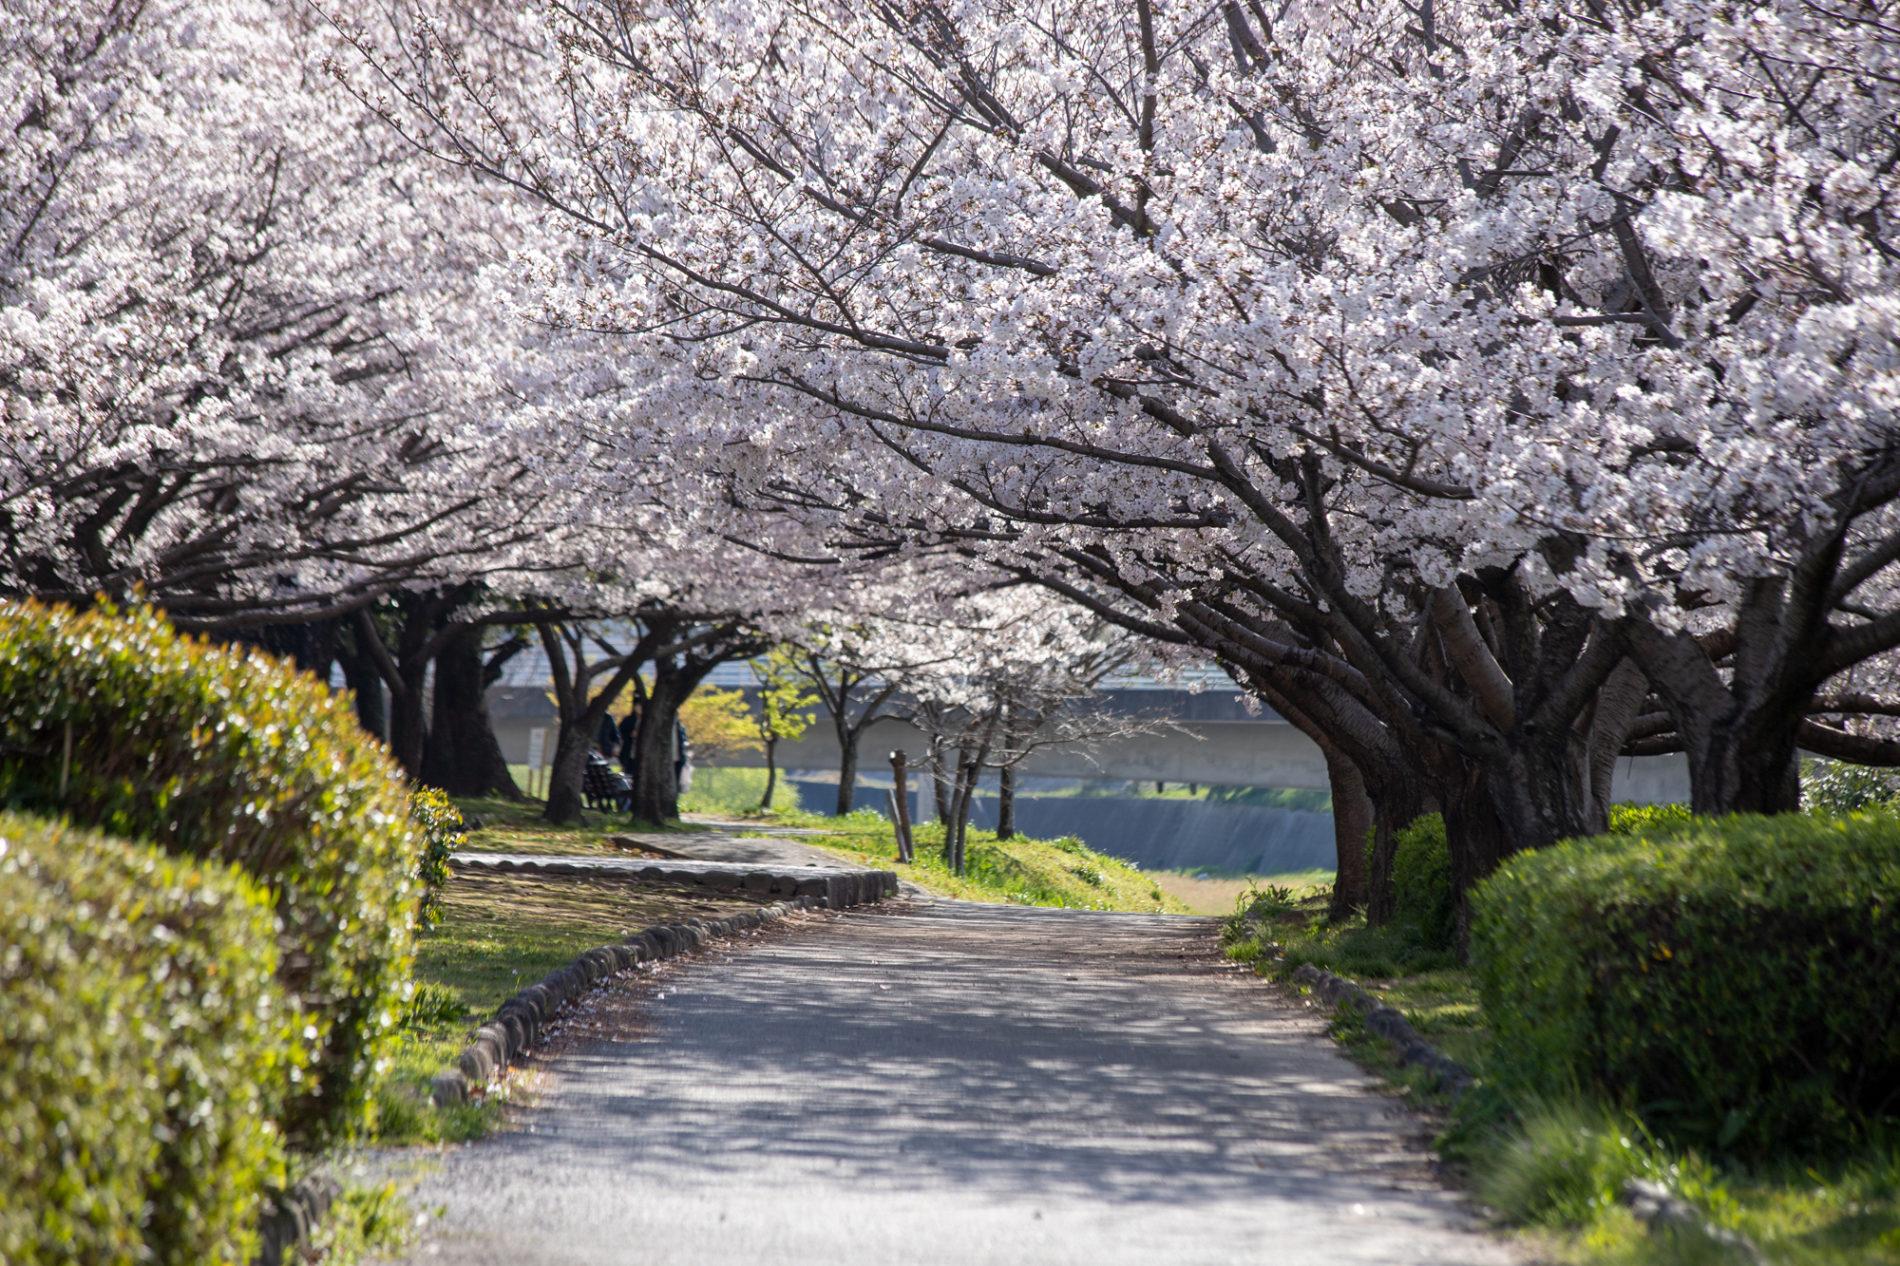 桜並木(桜のトンネル)の写真